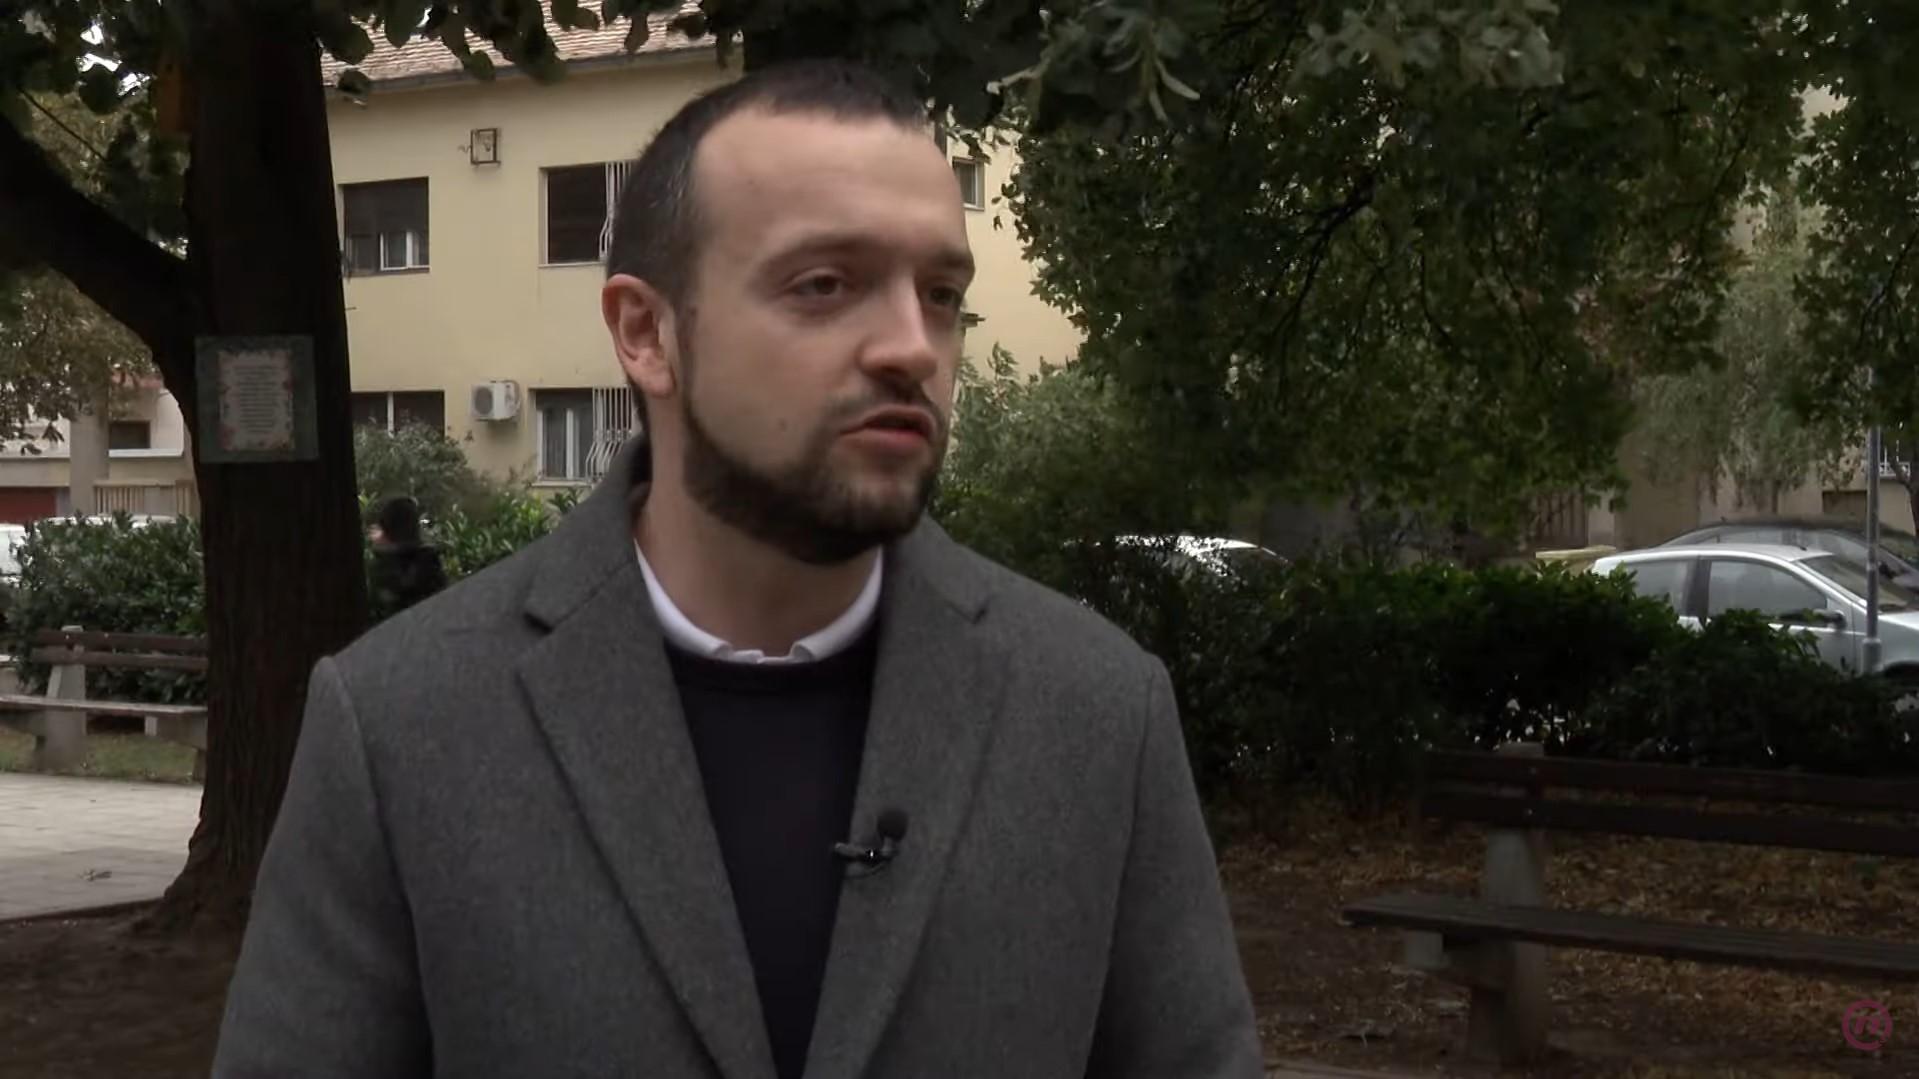 Boban Stojanović Pandorini papiri i Srbija: Ministri, optužbe i Vlada koja ćuti, prilog, emisija Među nama, Medju nama Nova S